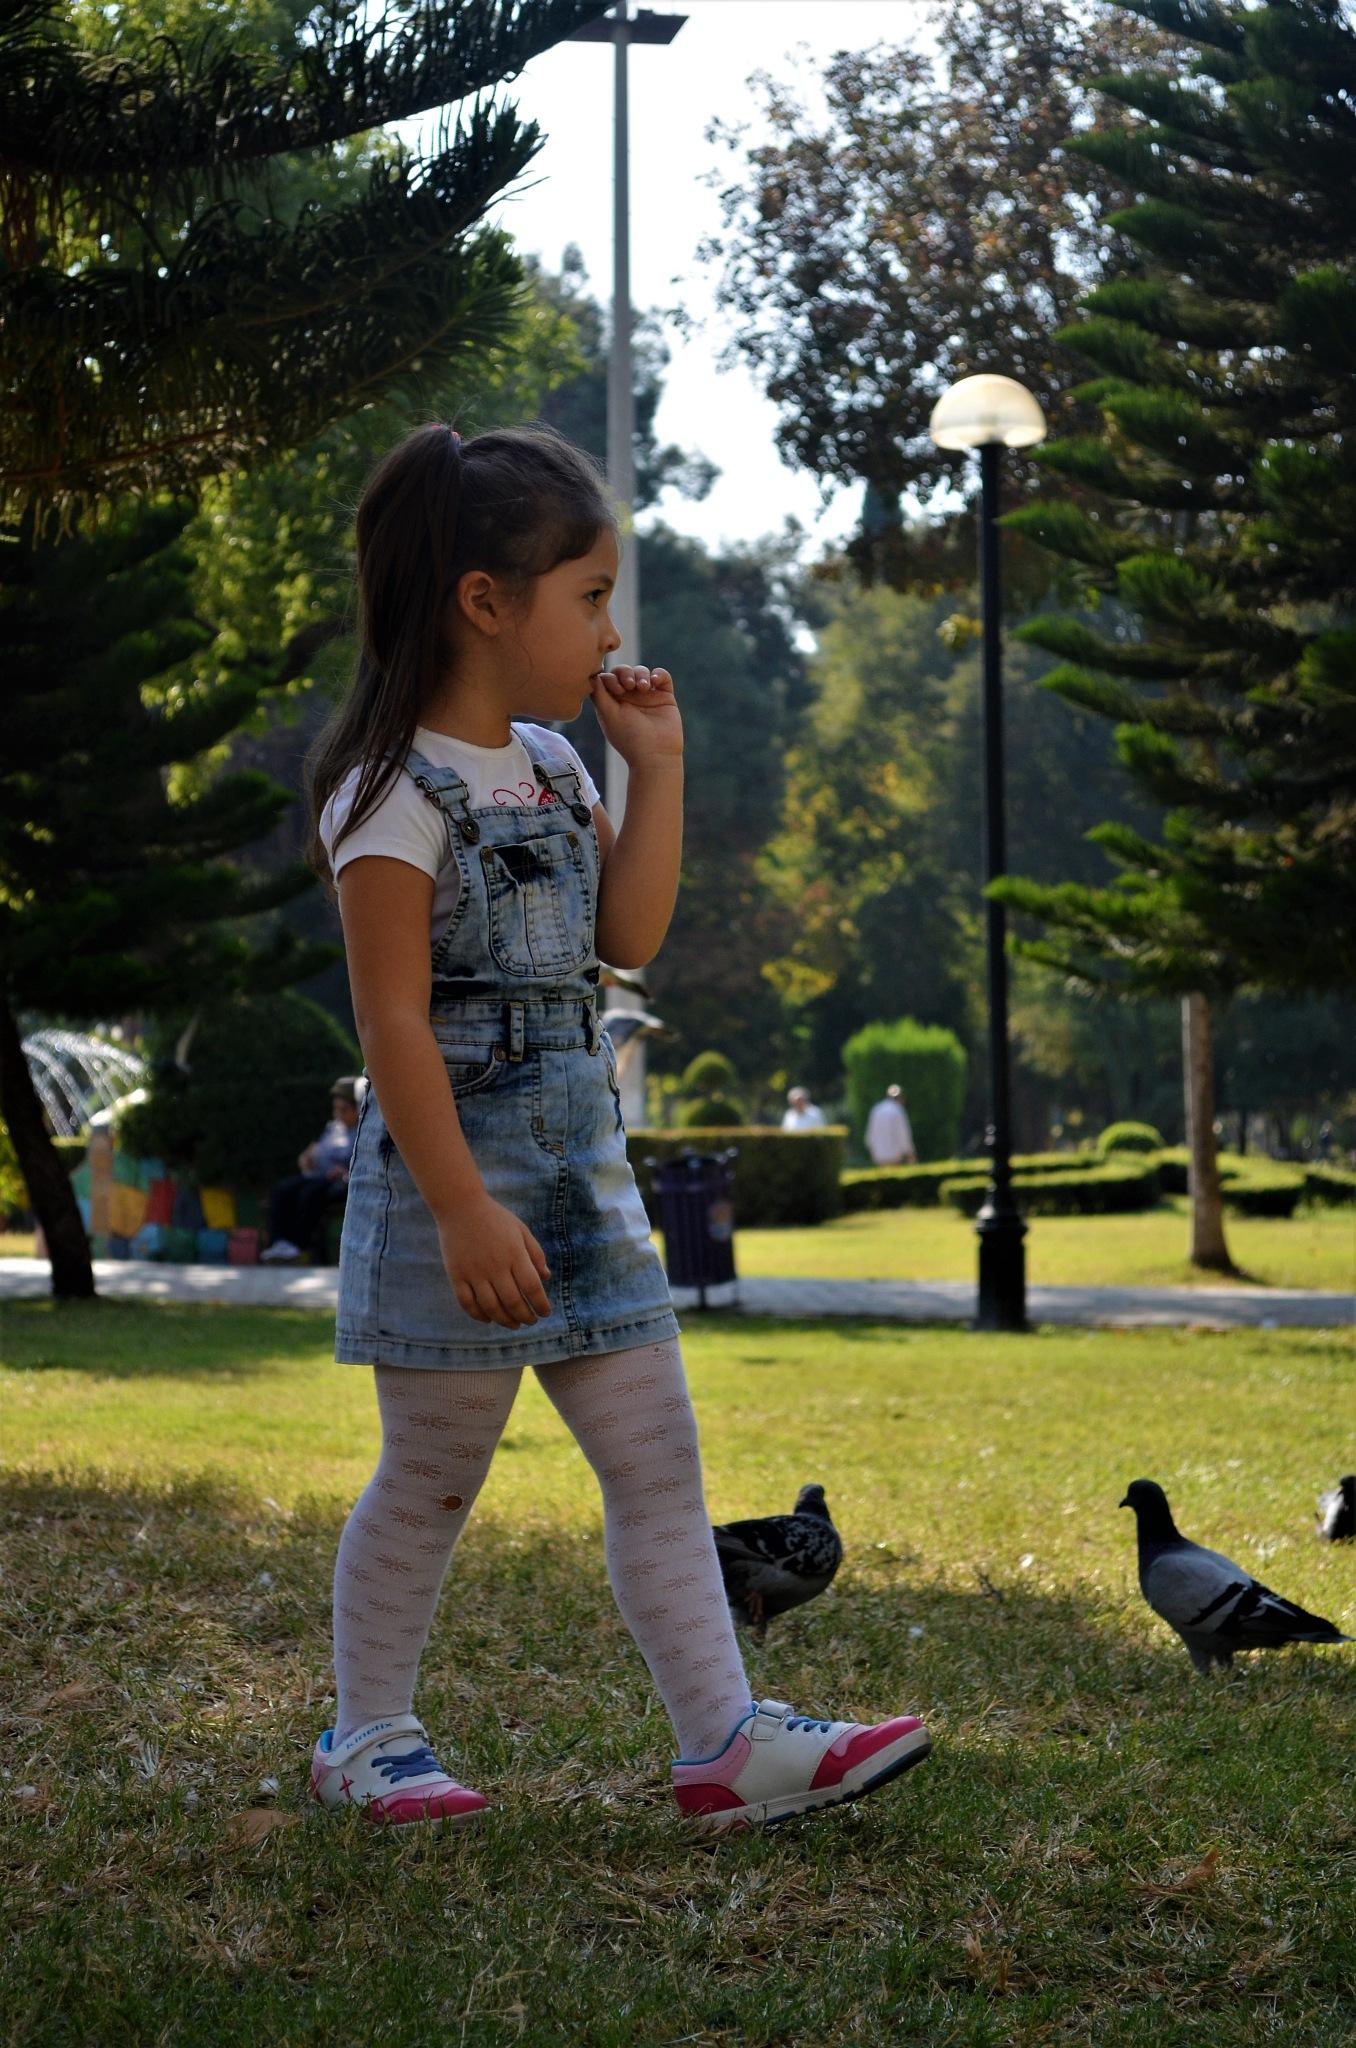 çocuk ve kuşlar. by Zeki Durak